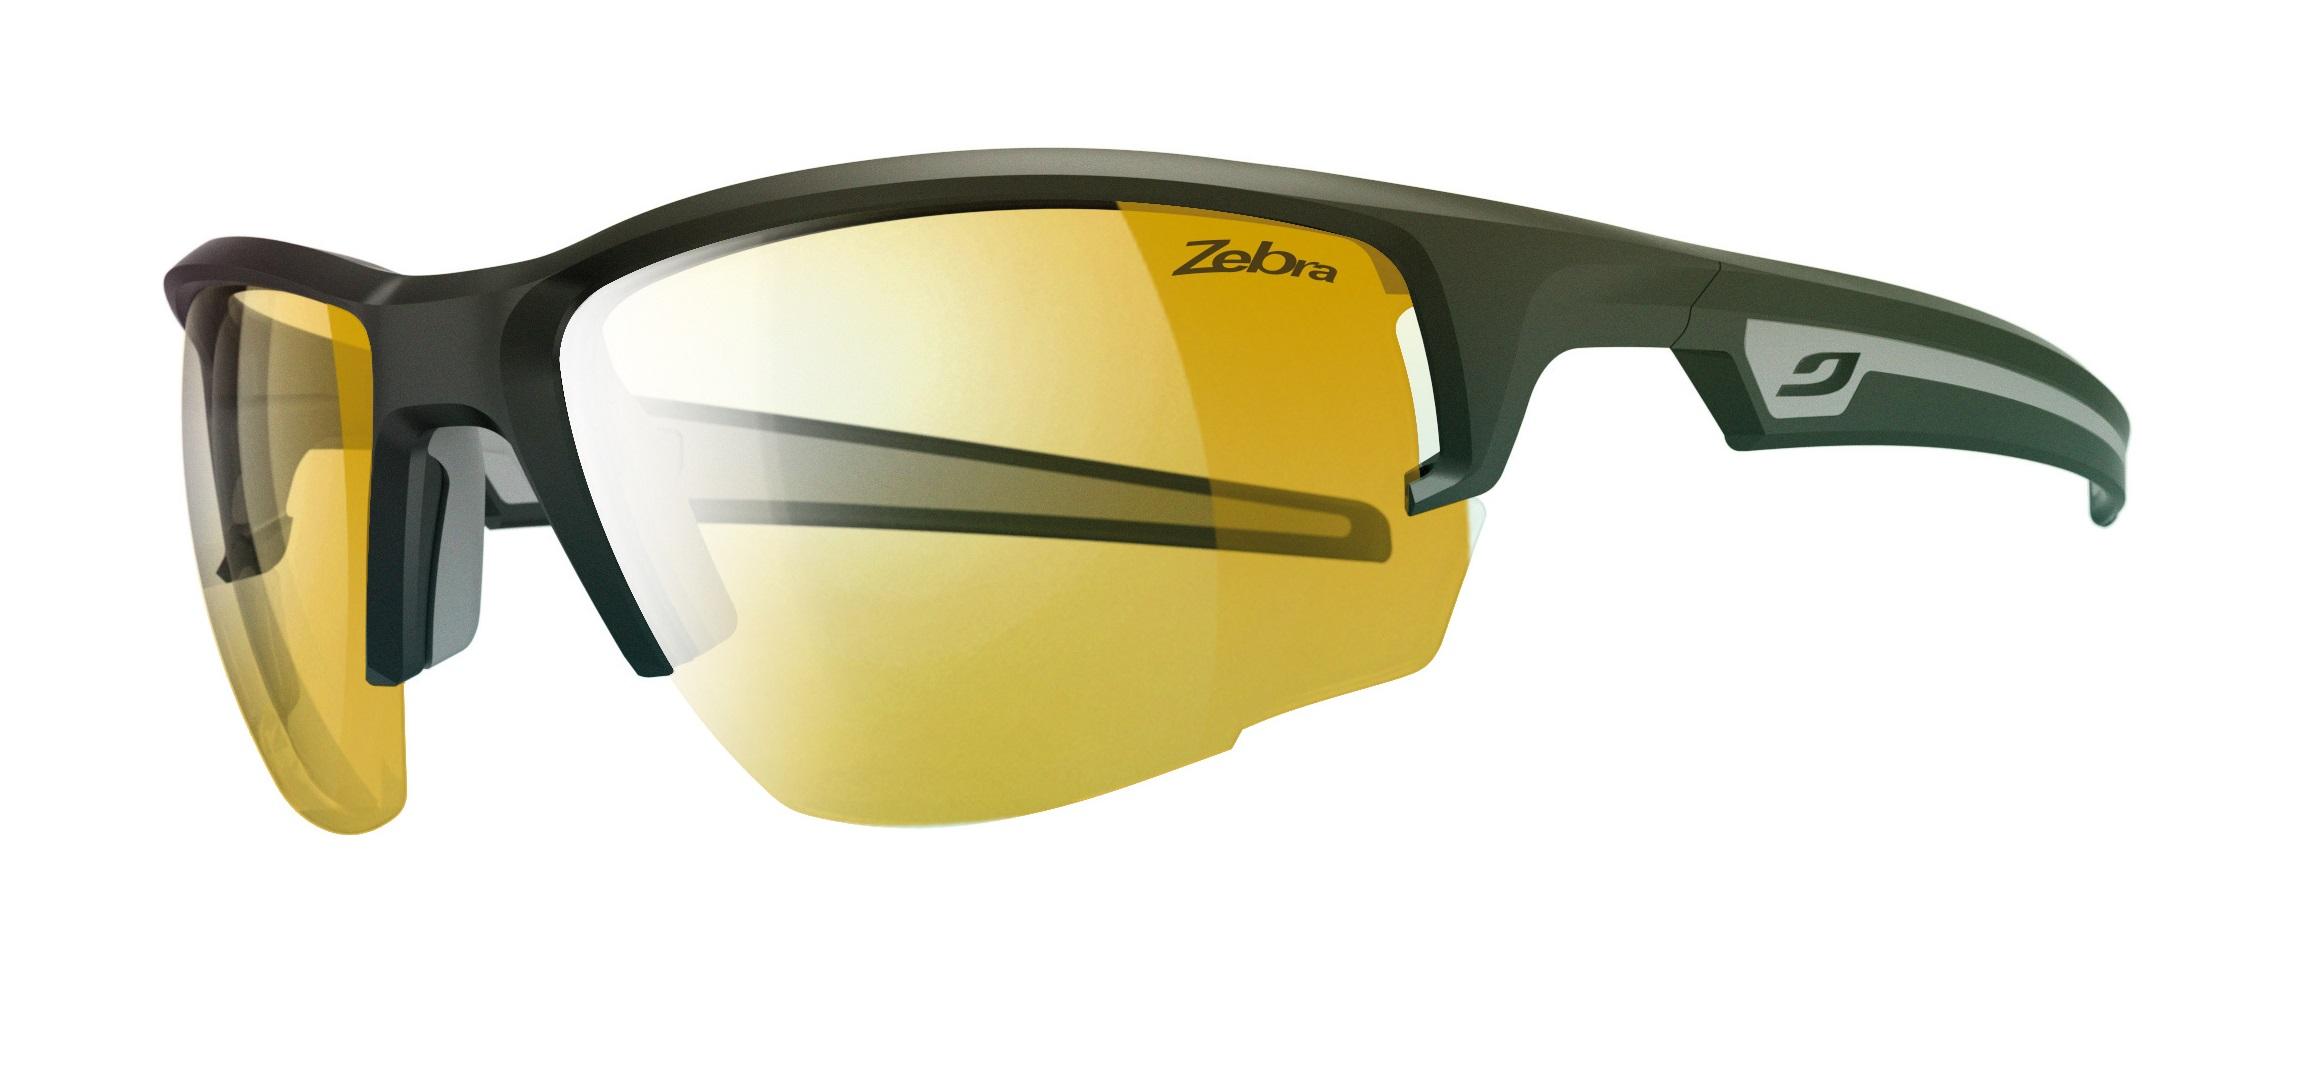 2ac935e2950577 lunette julbo,lunette julbo ultra